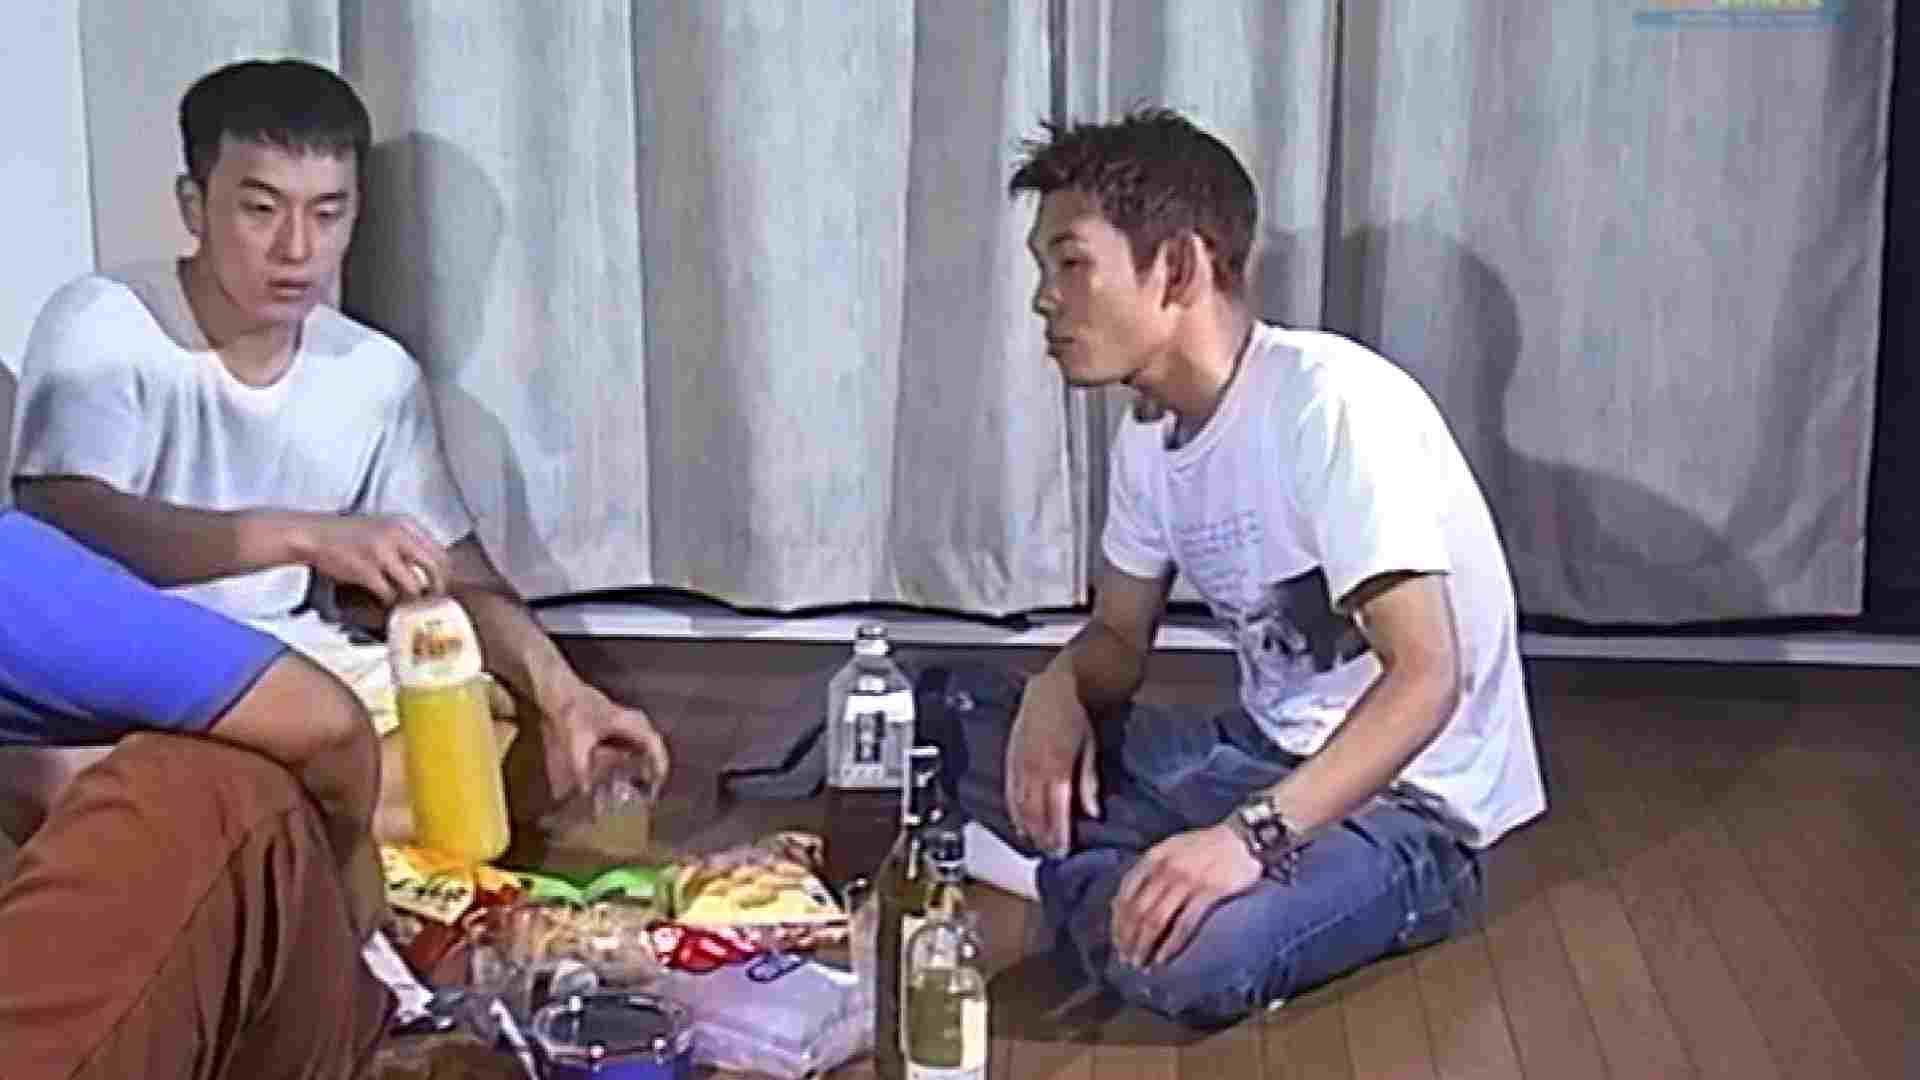 ヤリヤリ野郎共倶楽部vol.13前編 フェラシーン 男同士動画 56枚 4